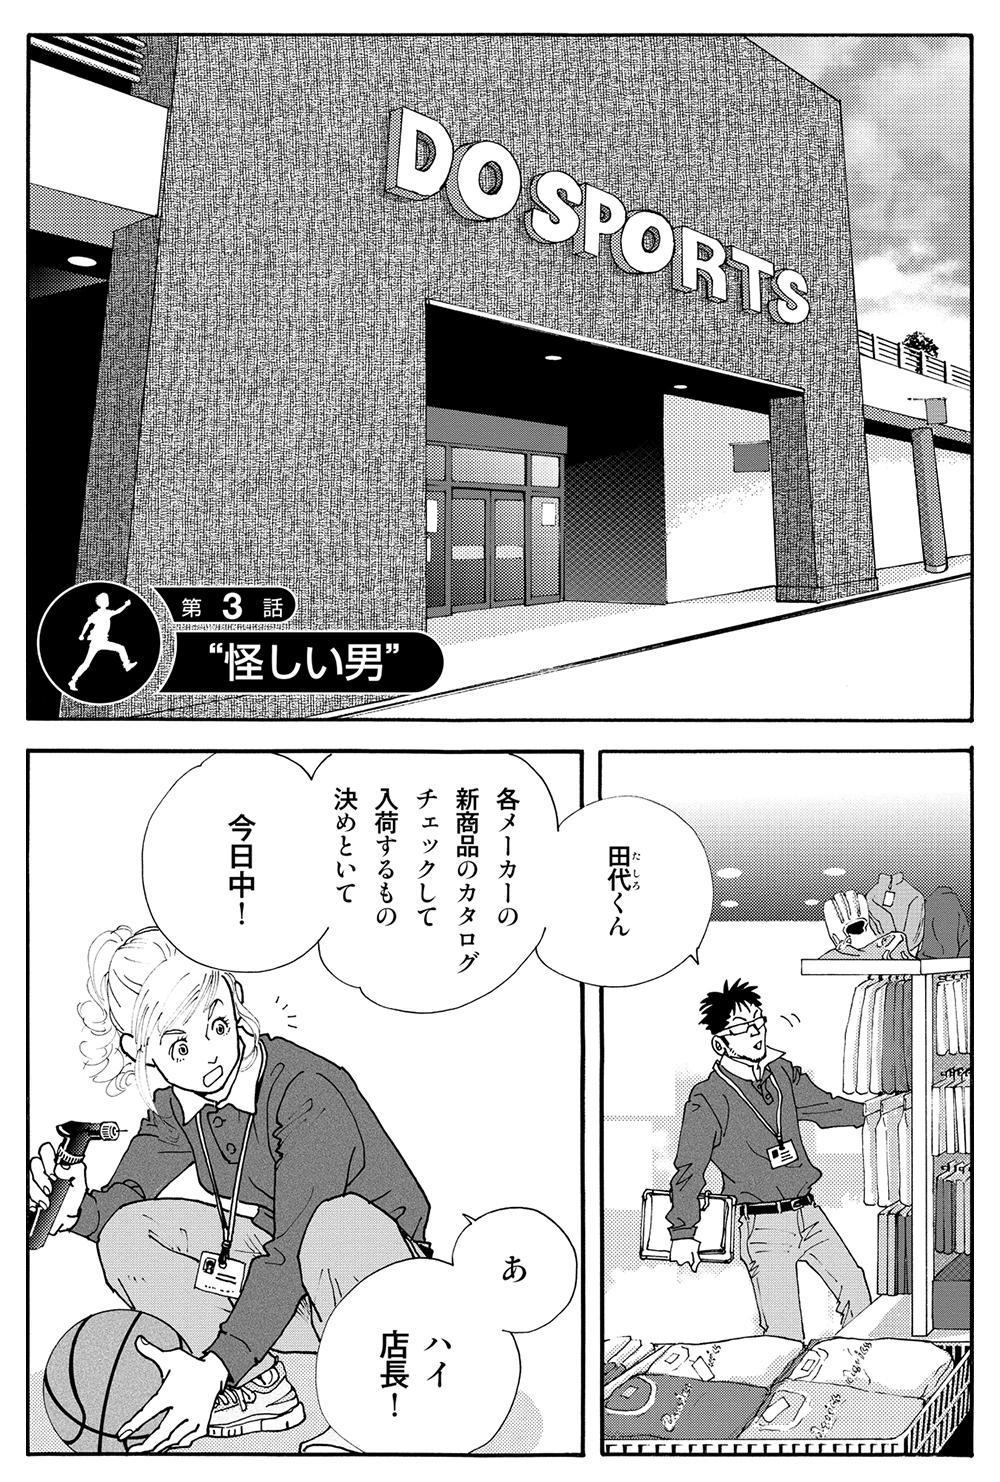 ヘルプマン!! 第3話「怪しい男」helpman03-01.jpg